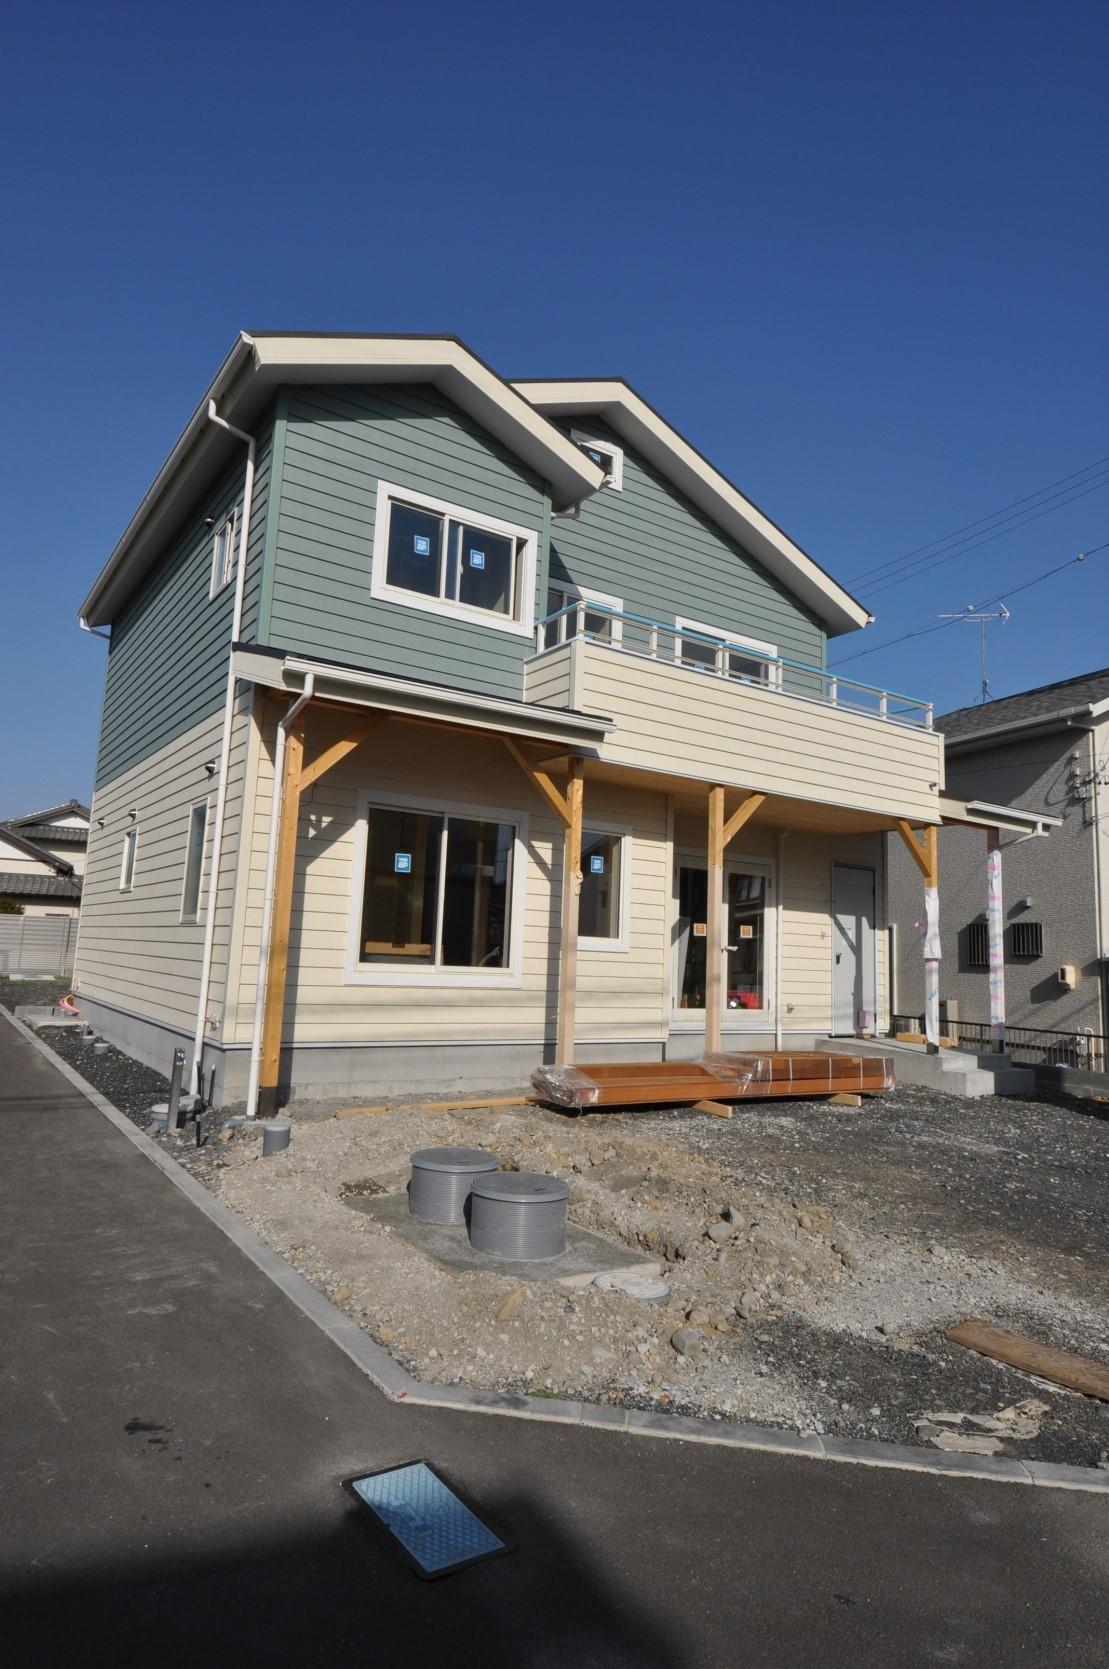 藤枝市k邸様新築工事カルフォルニアスタイルな新築完成間近_d0126654_06255947.jpg